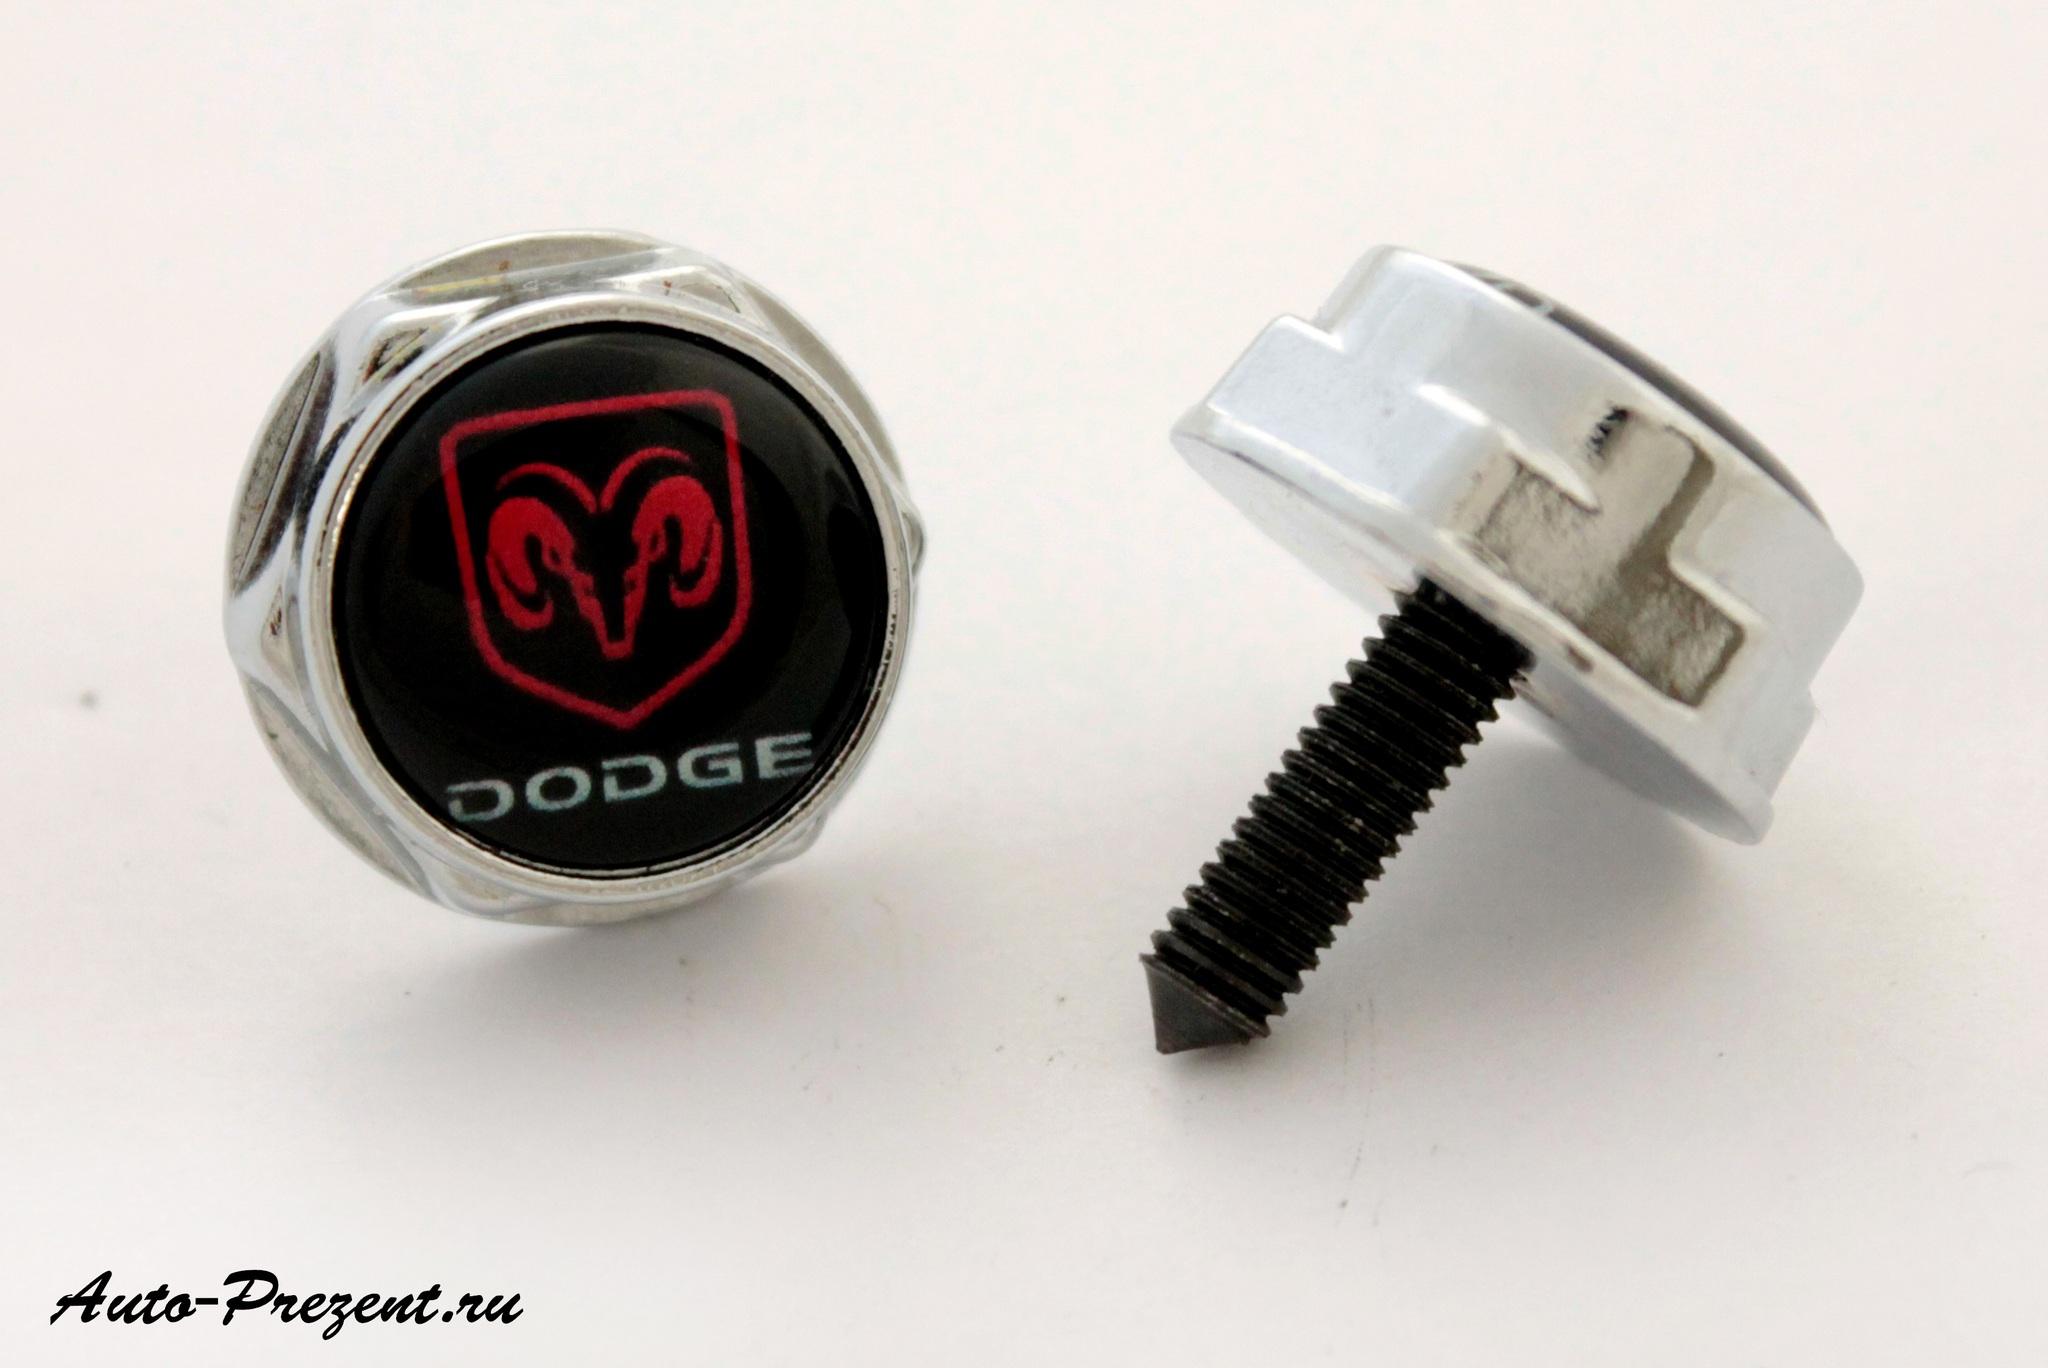 Болты для крепления госномера с логотипом DODGE